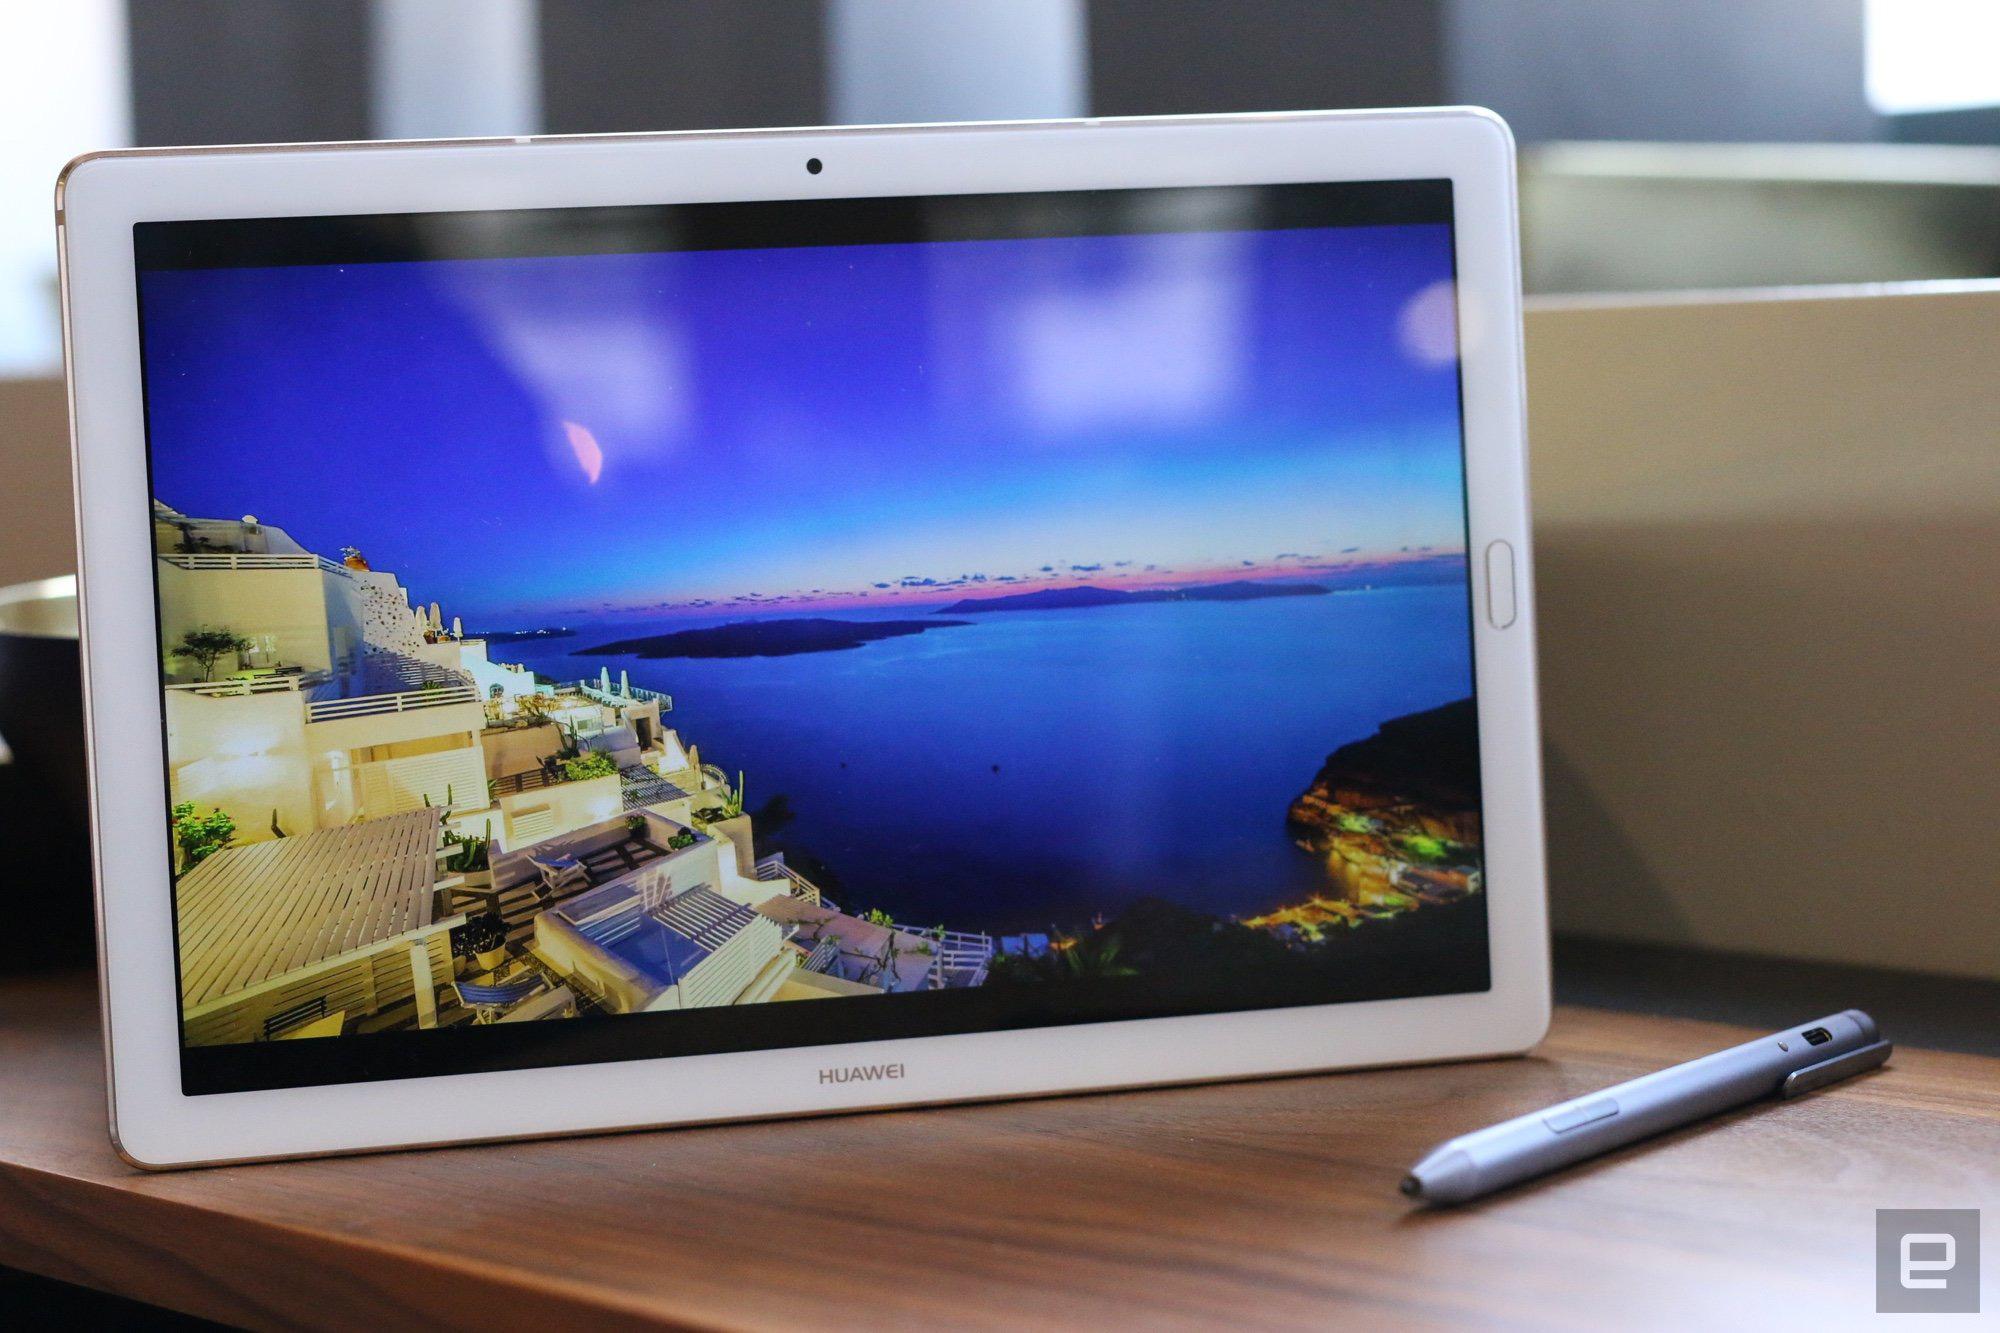 May-tinh-bang-gia-re-Chon-iPad-cu-hay-cac-dong-Android-Tablet-moi-6